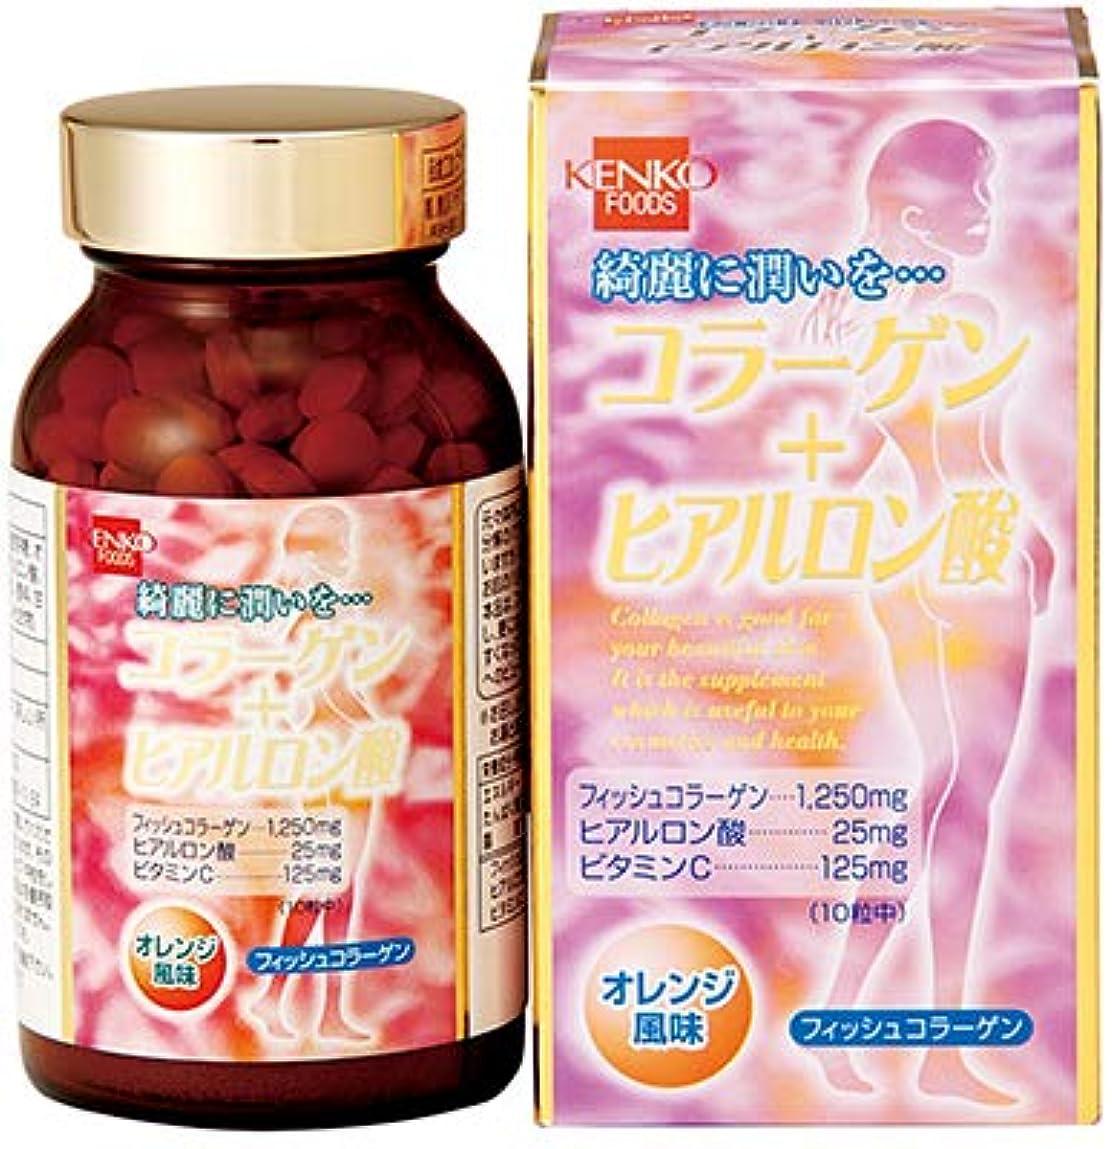 ホームレス悪魔抜け目のないコラーゲン+ヒアルロン酸【3本セット】健康フーズ